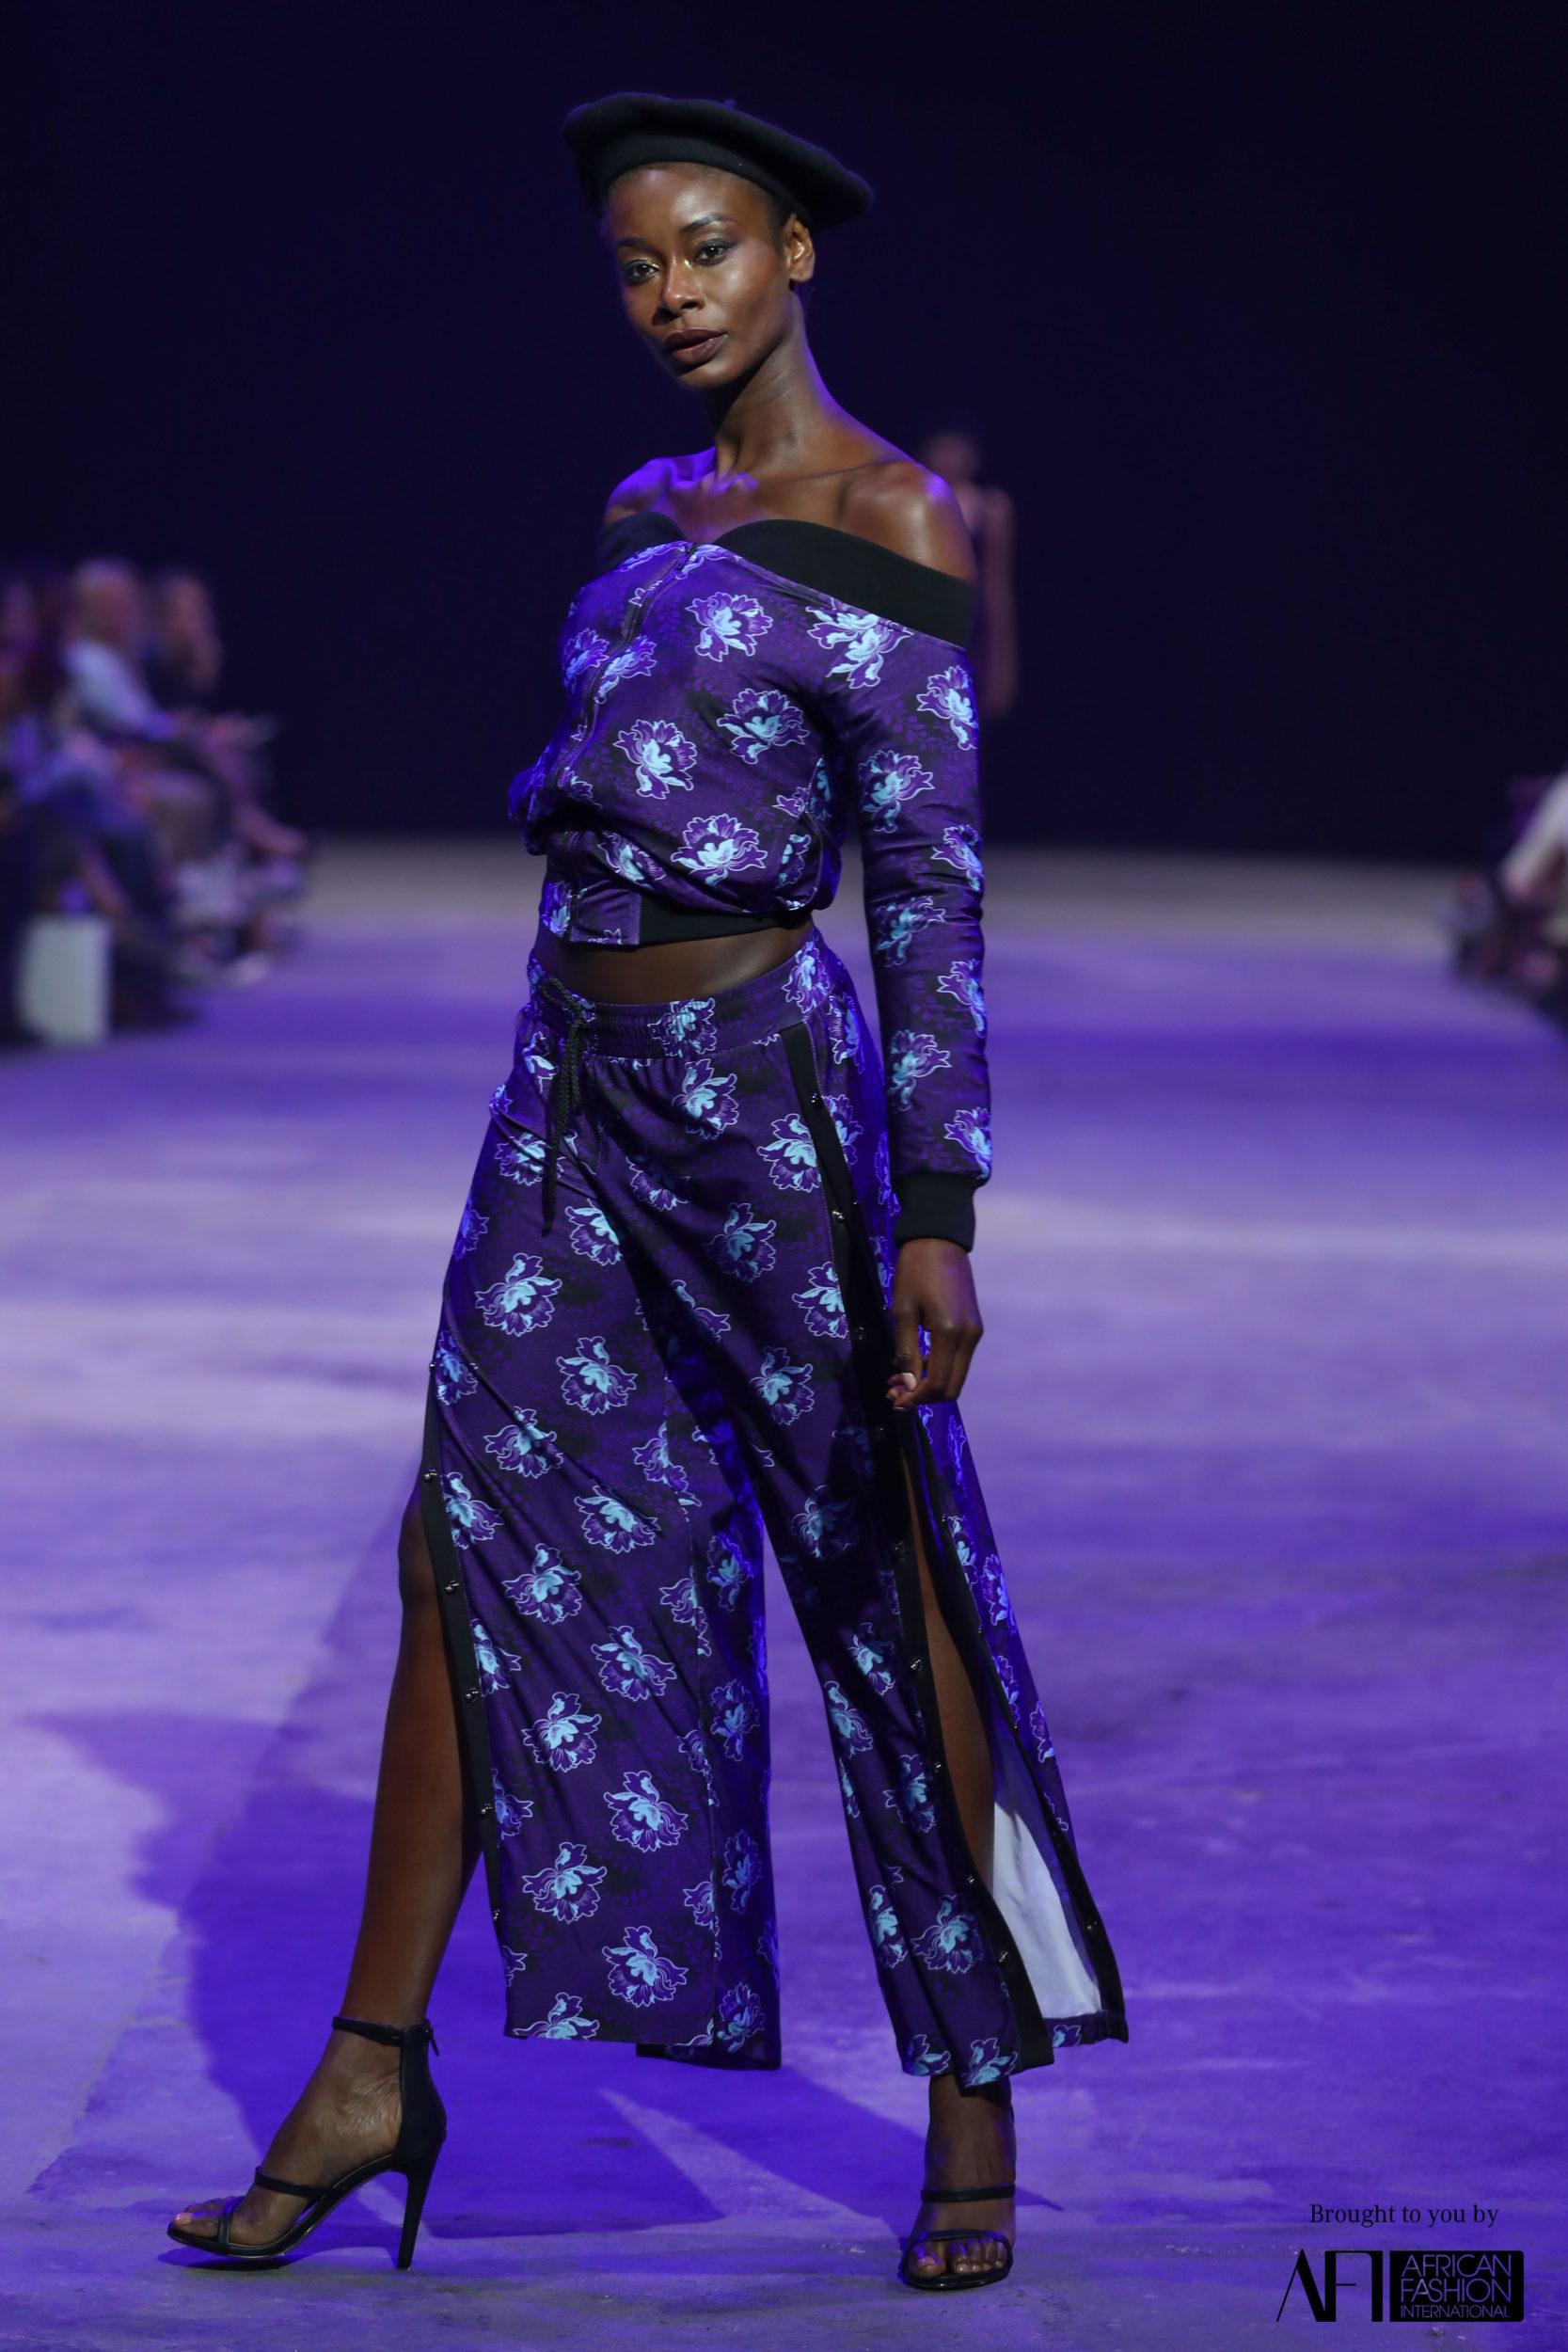 #AFICTFW18 | Khosi Nkosi